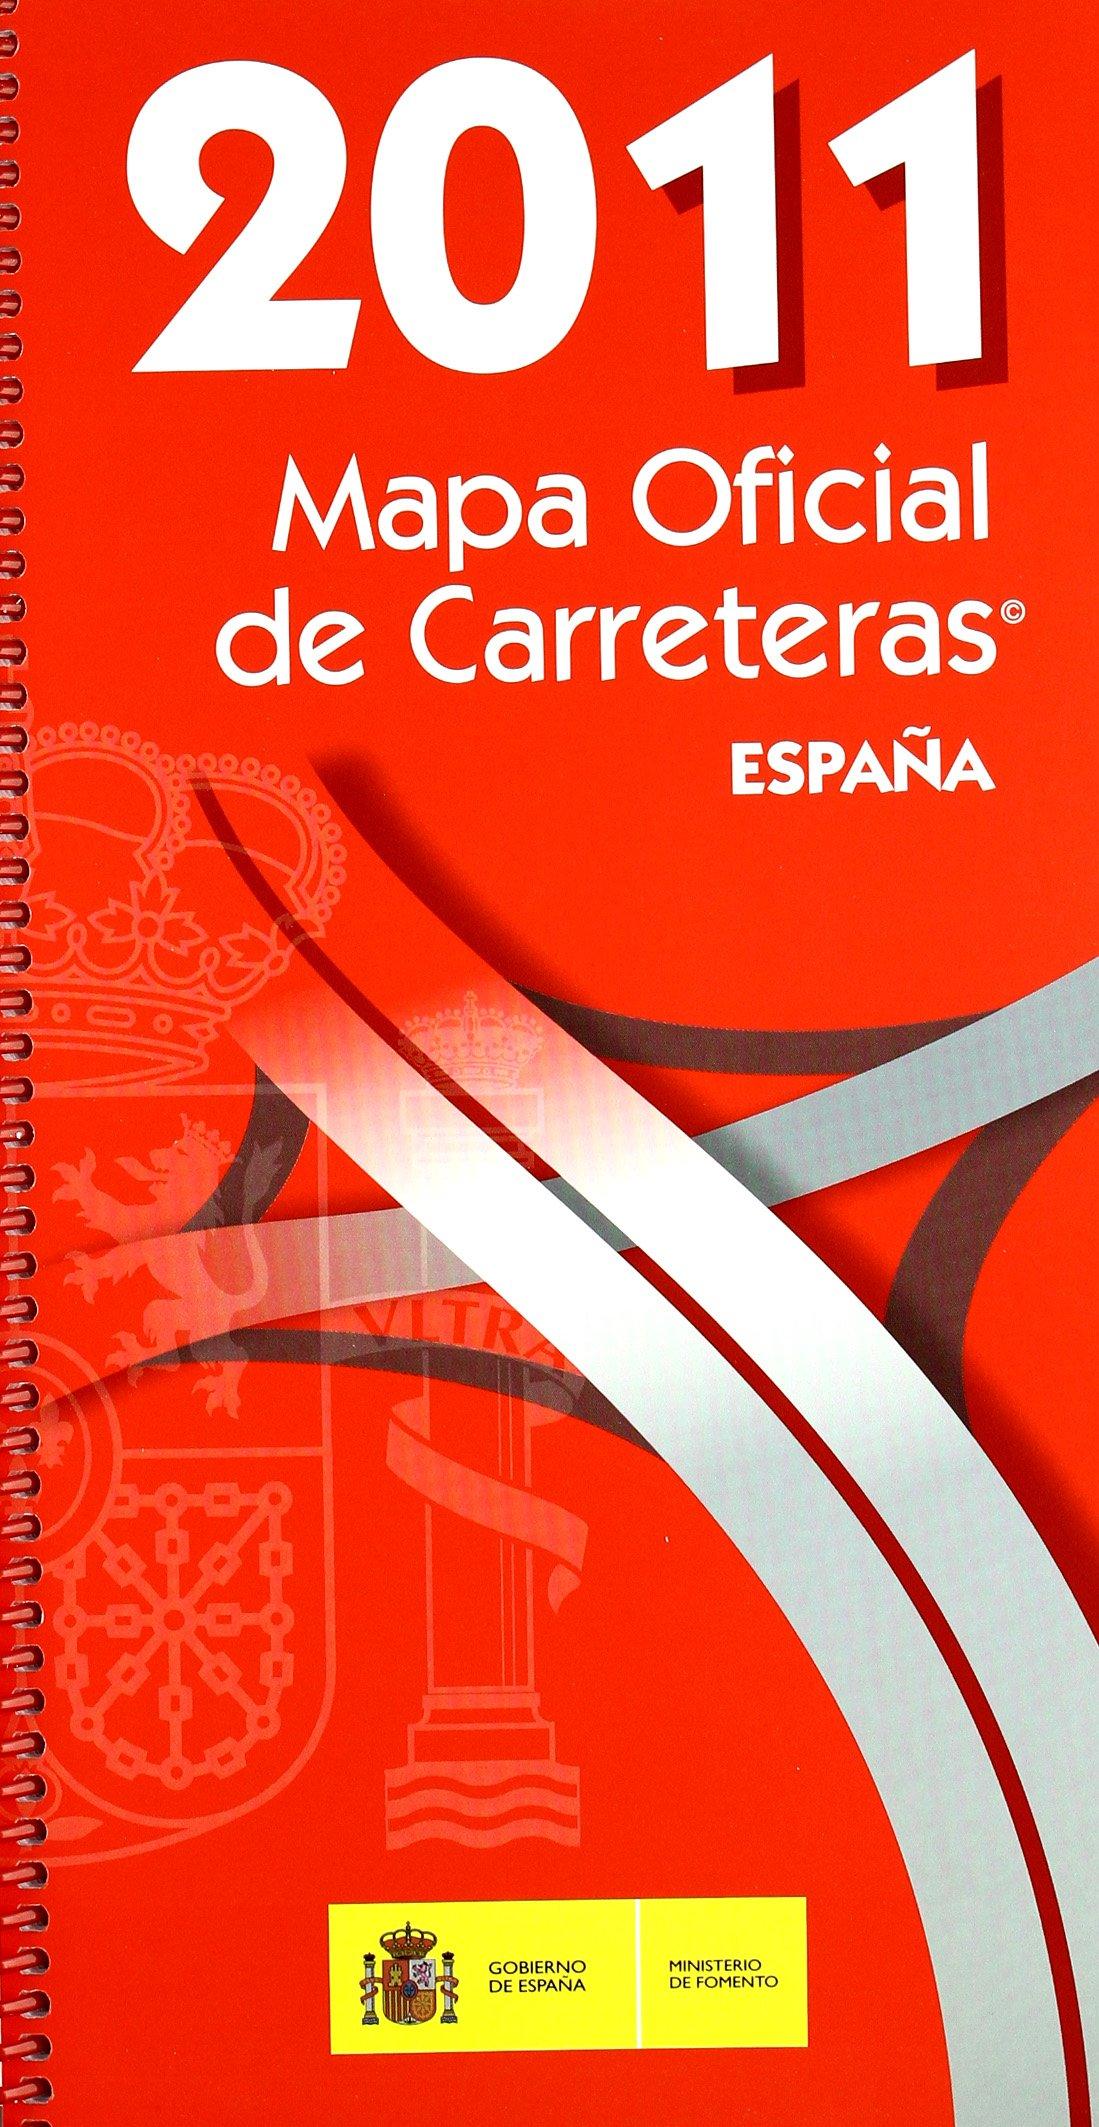 Mapa oficial de carreteras 2011 España y Portugal +CD: Amazon.es: Secretaría General Técnica. Centro de Publicaciones. Ministerio de Fomento: Libros